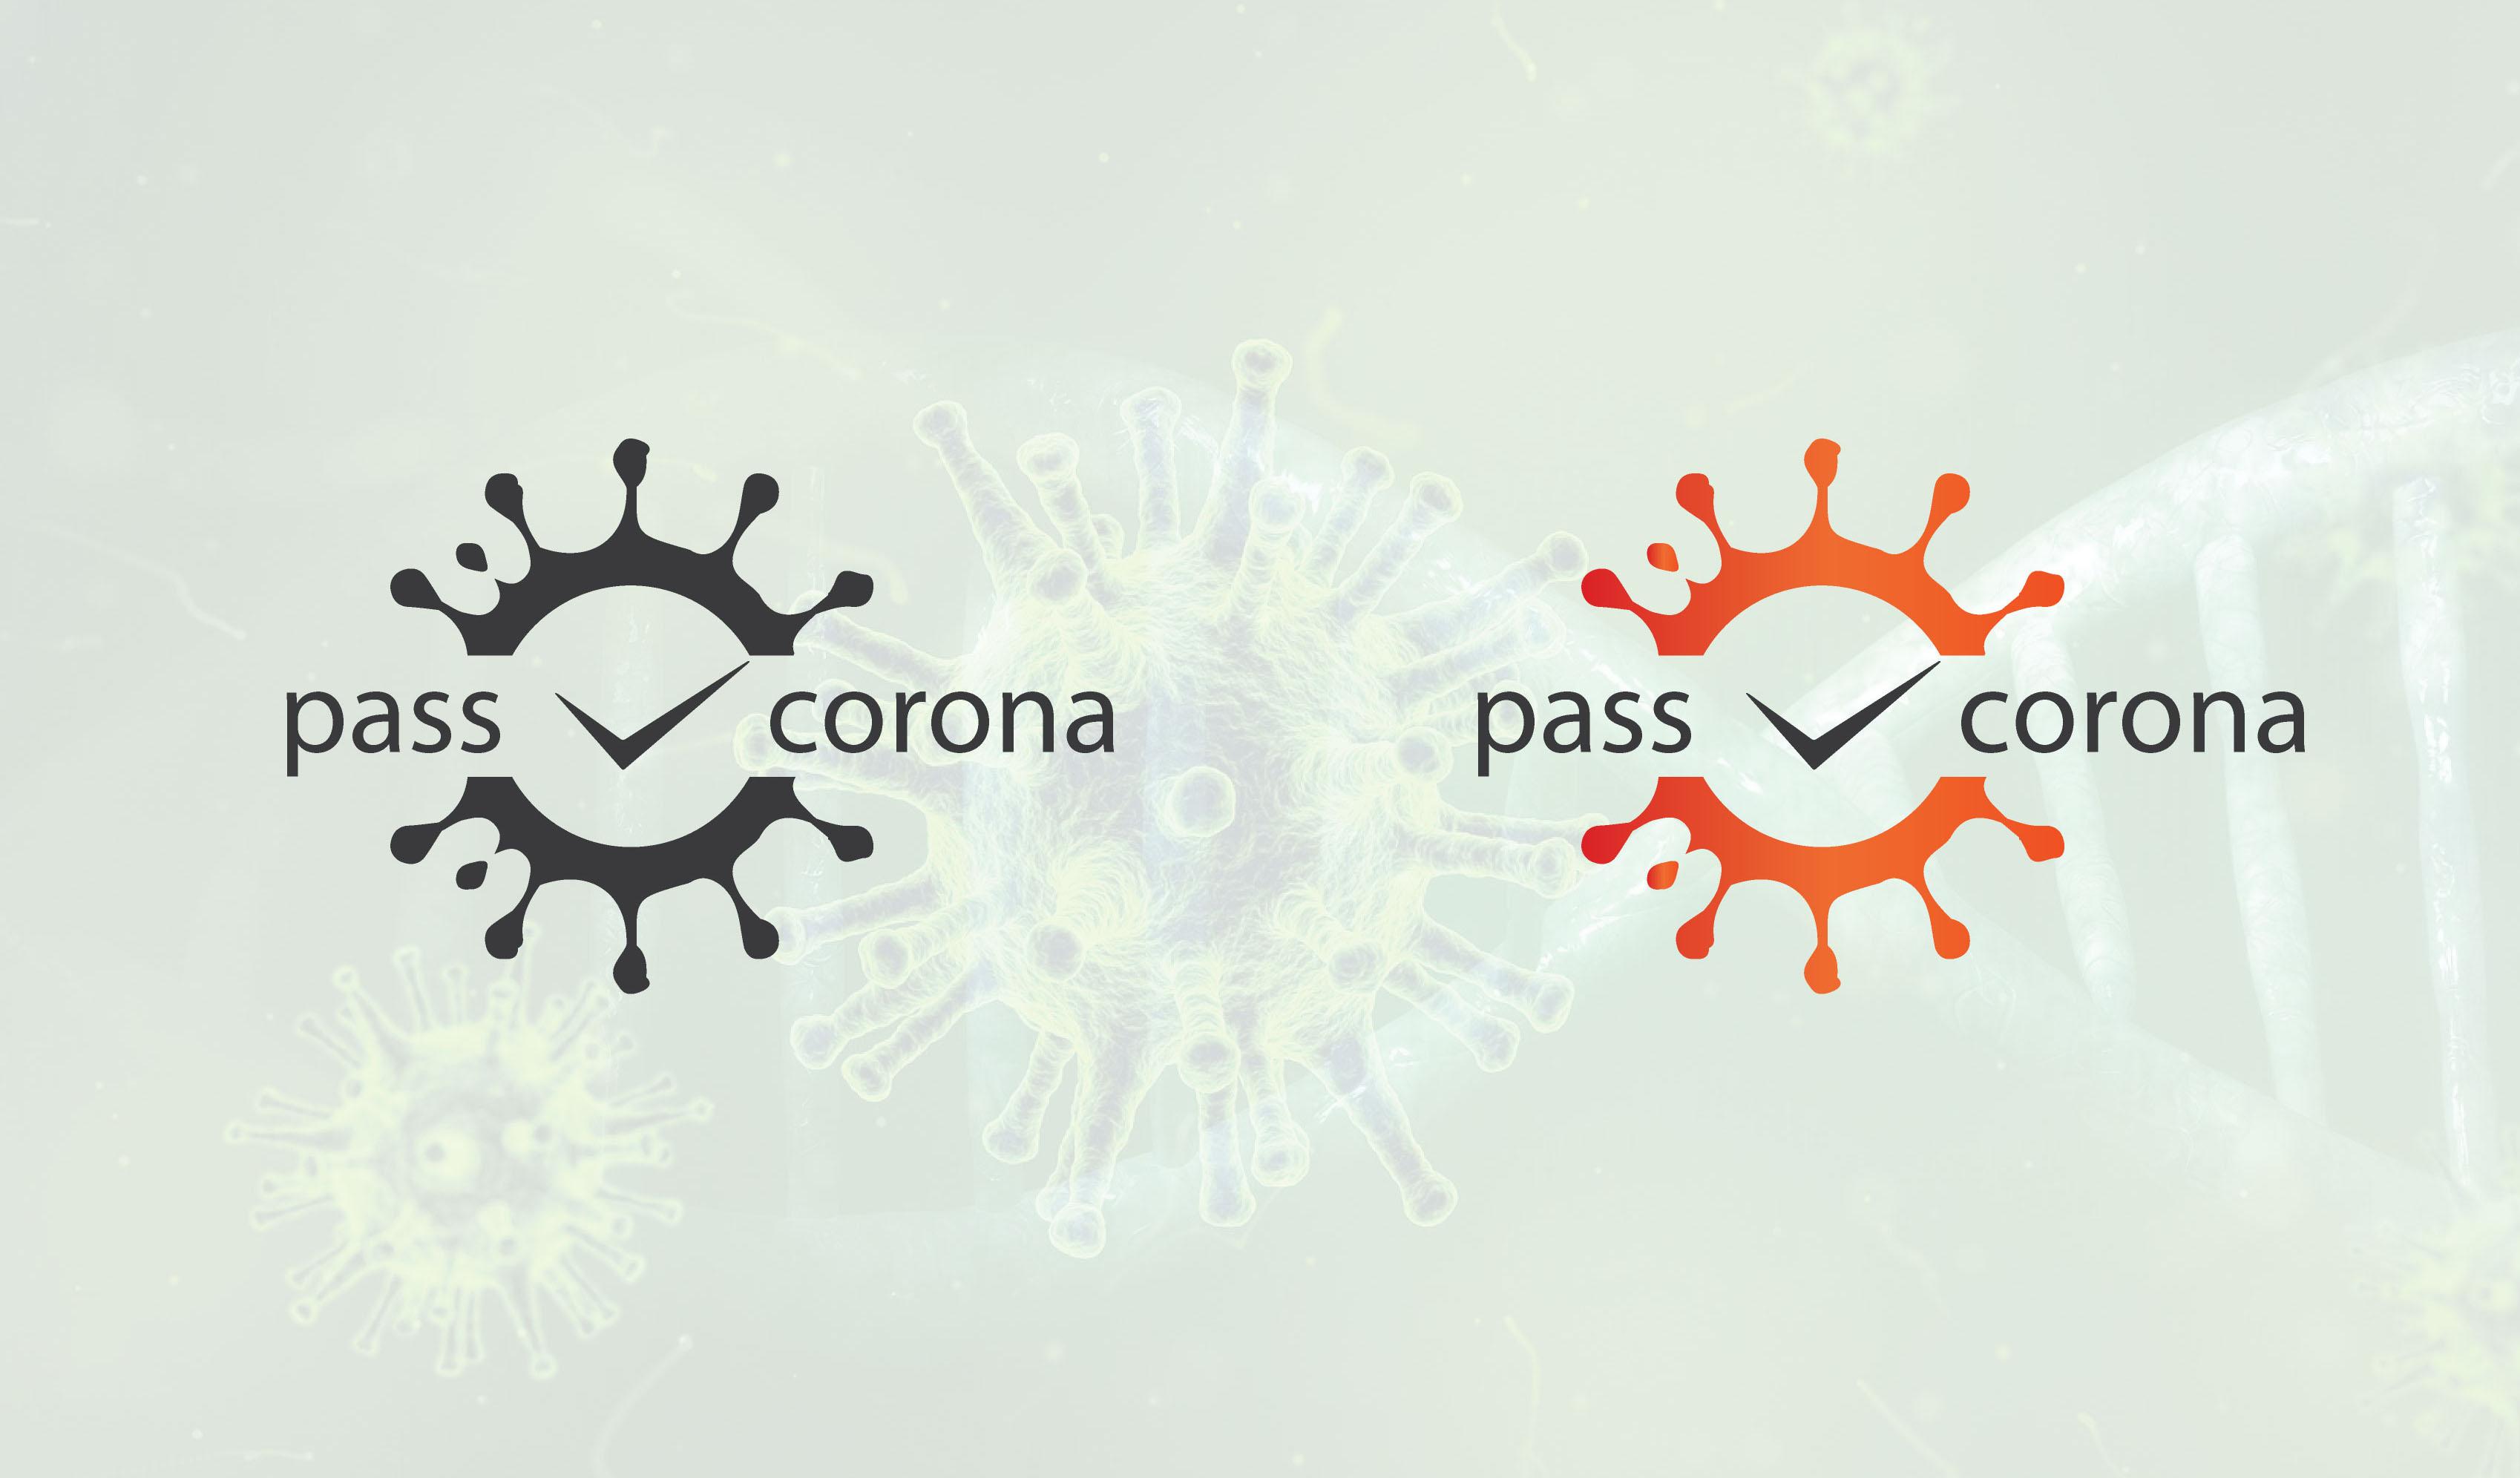 I will provide professional logo design services